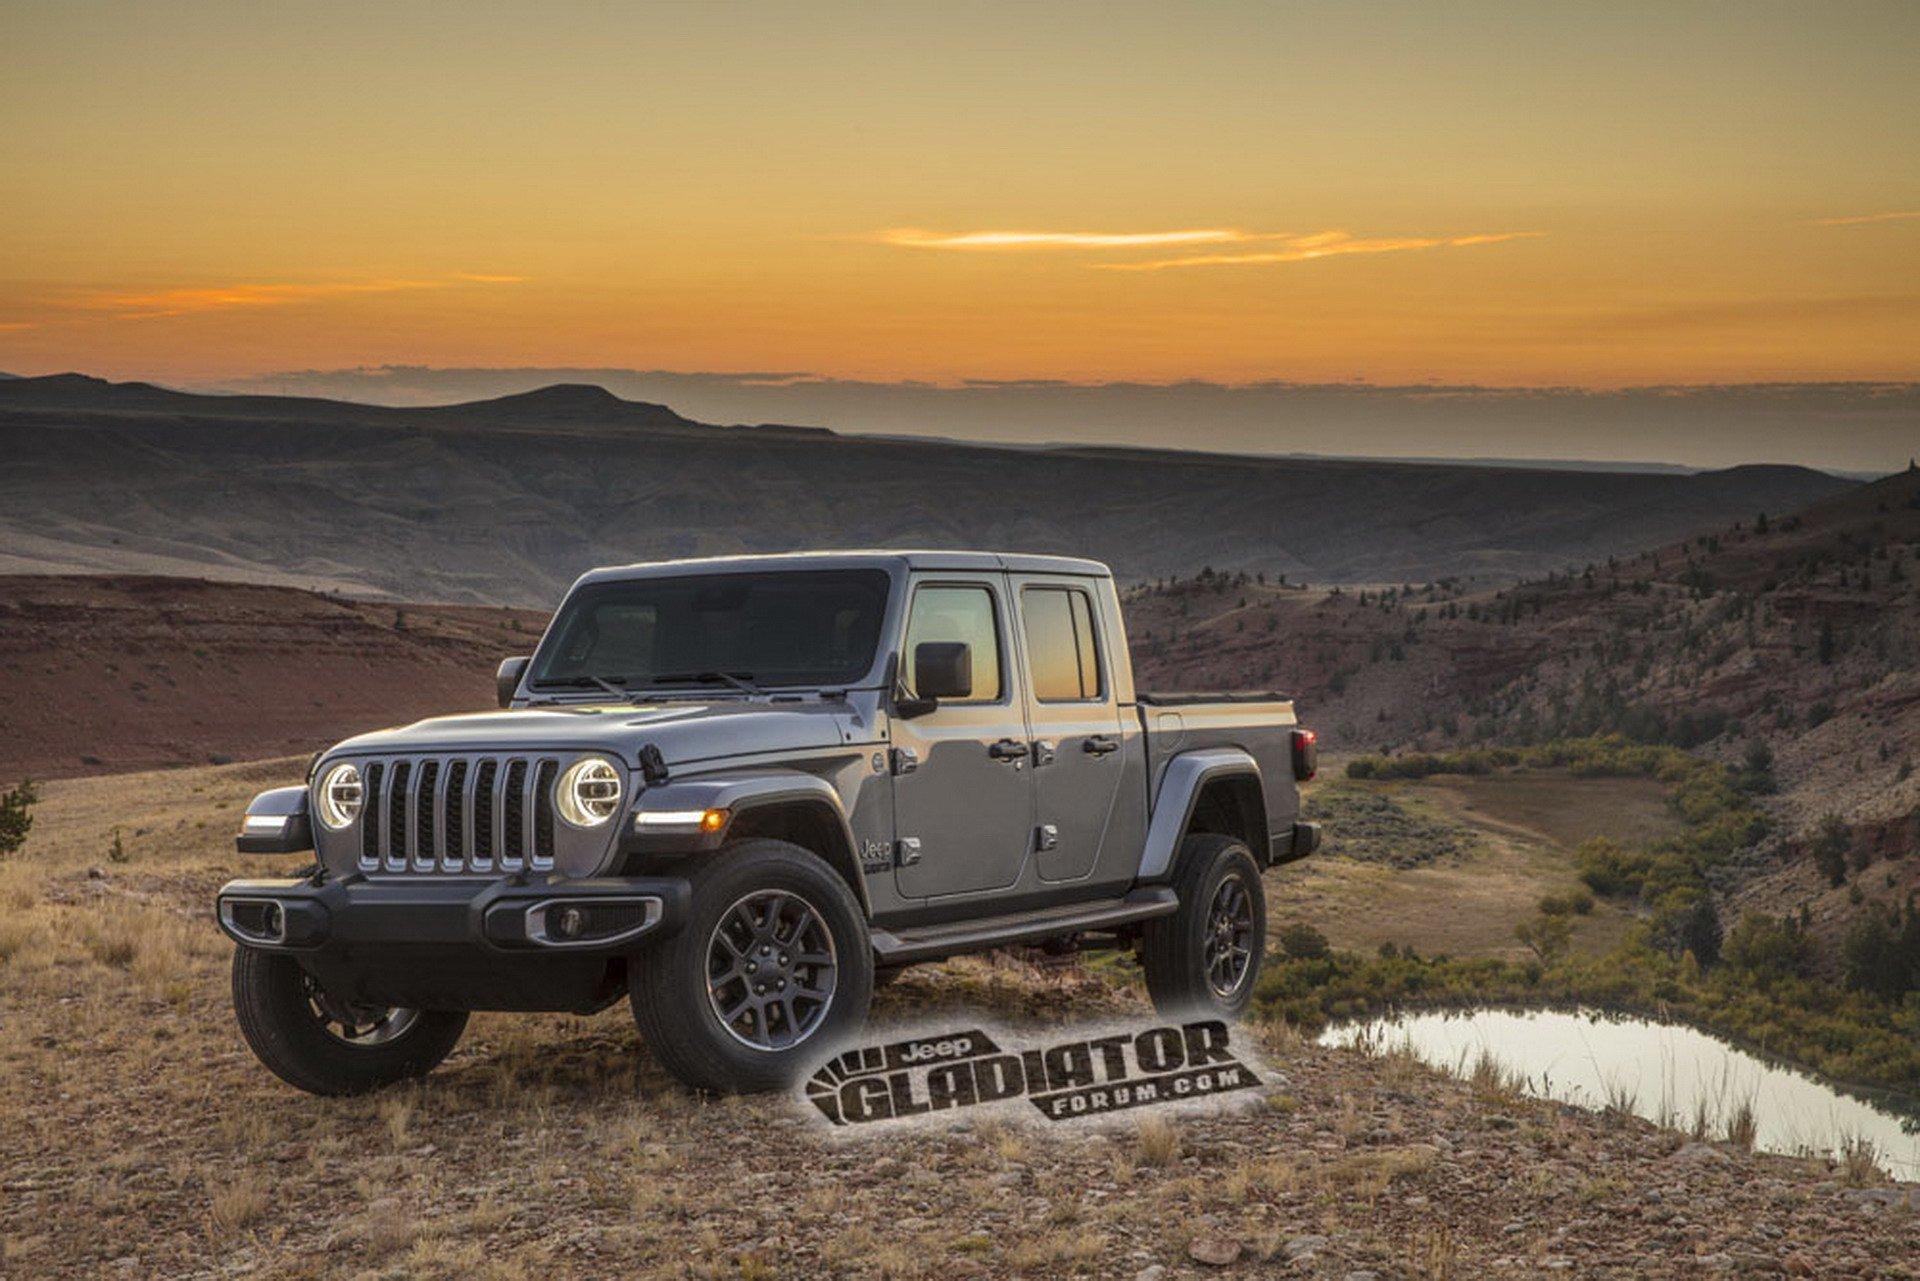 Jeep Gladiator Wrangler Pick Up Dm 1